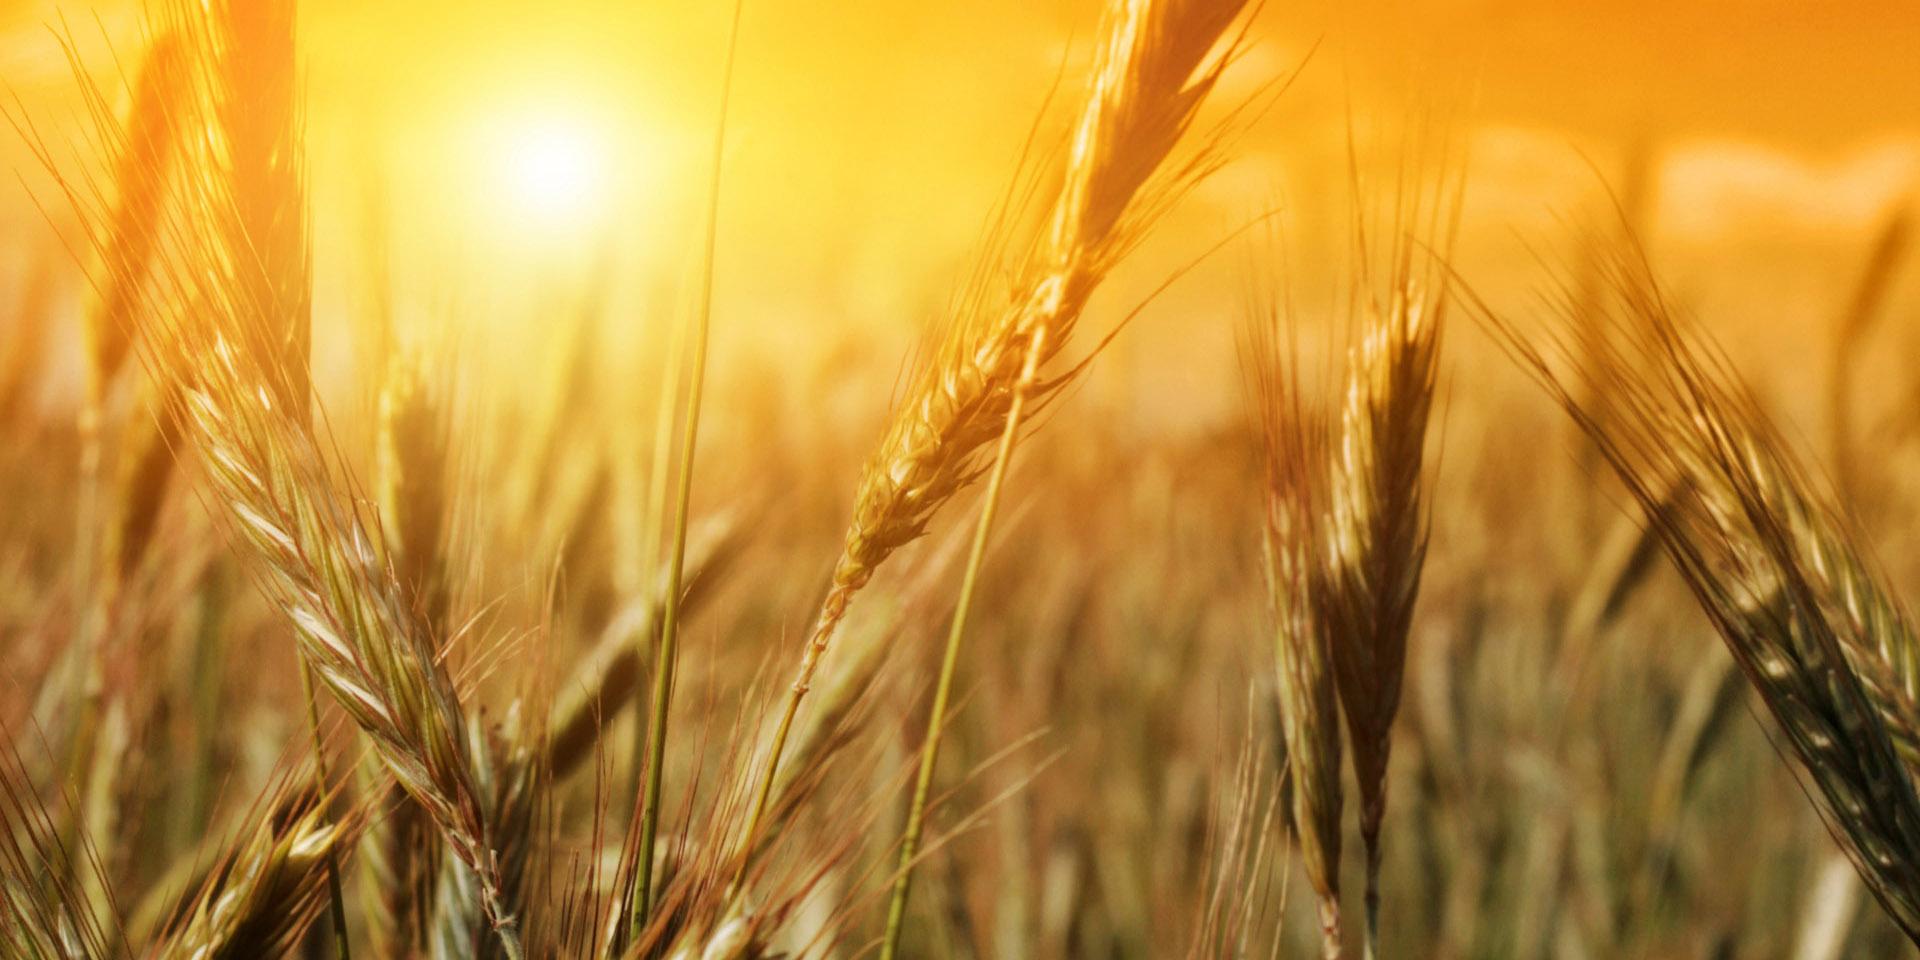 مجری طرح گندم: ایران از واردات گندم بی نیاز میشود